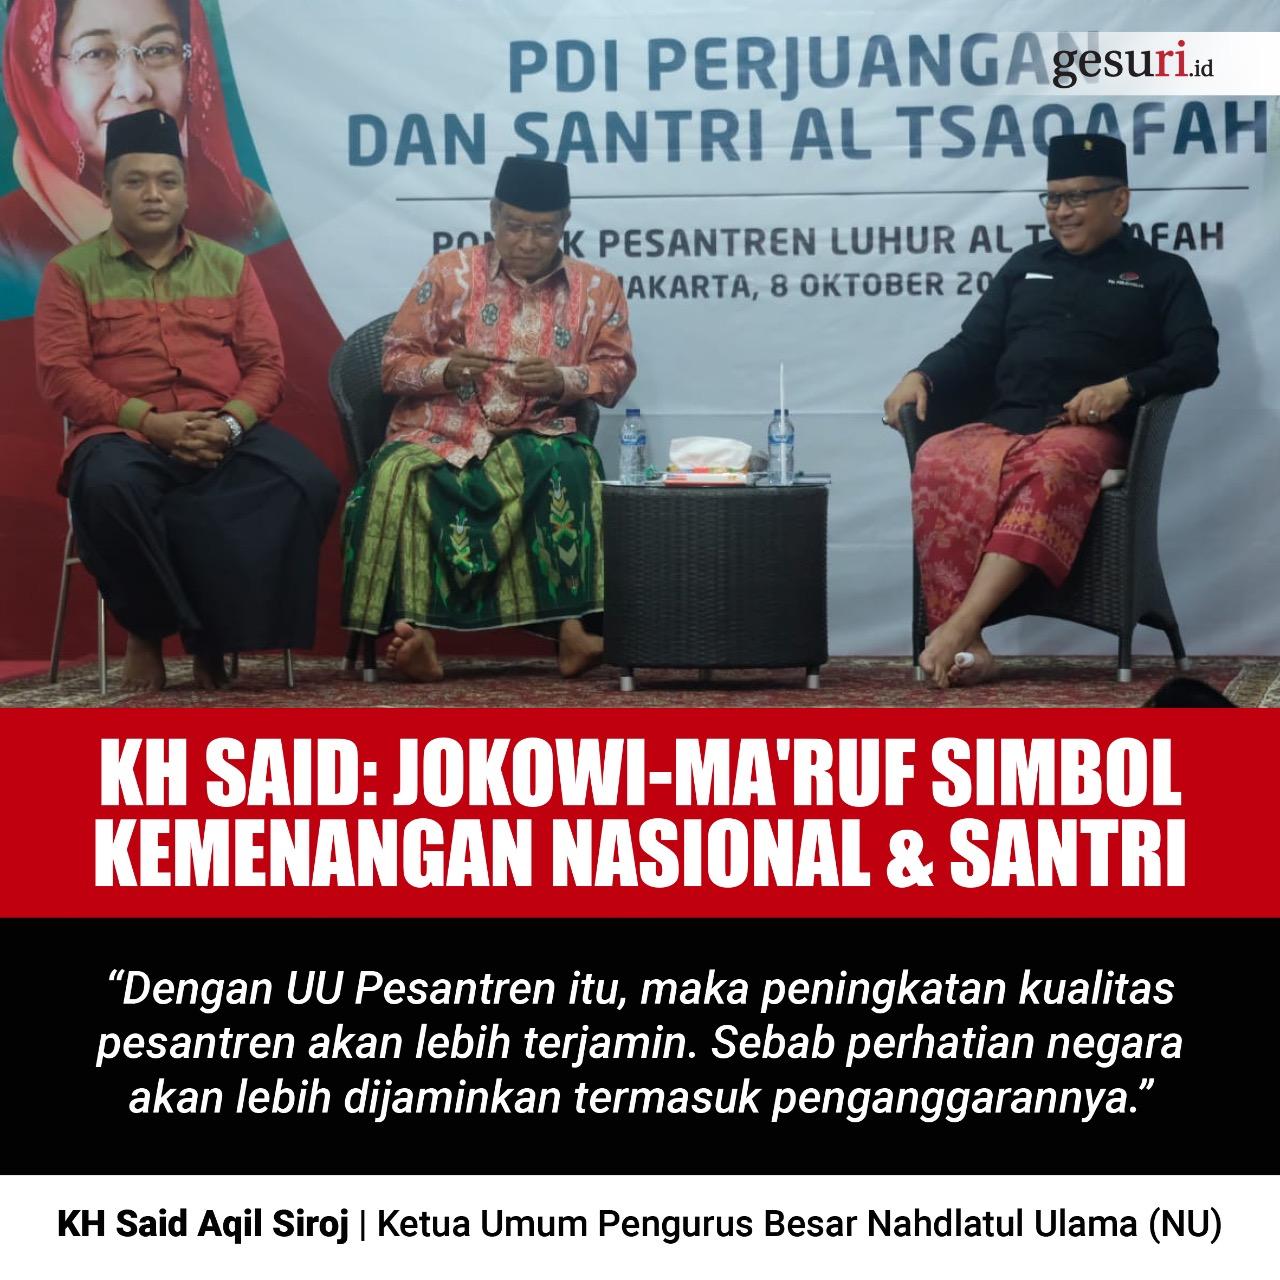 KH Said: Jokowi-Ma'ruf Simbol Kemenangan Nasional dan Santri